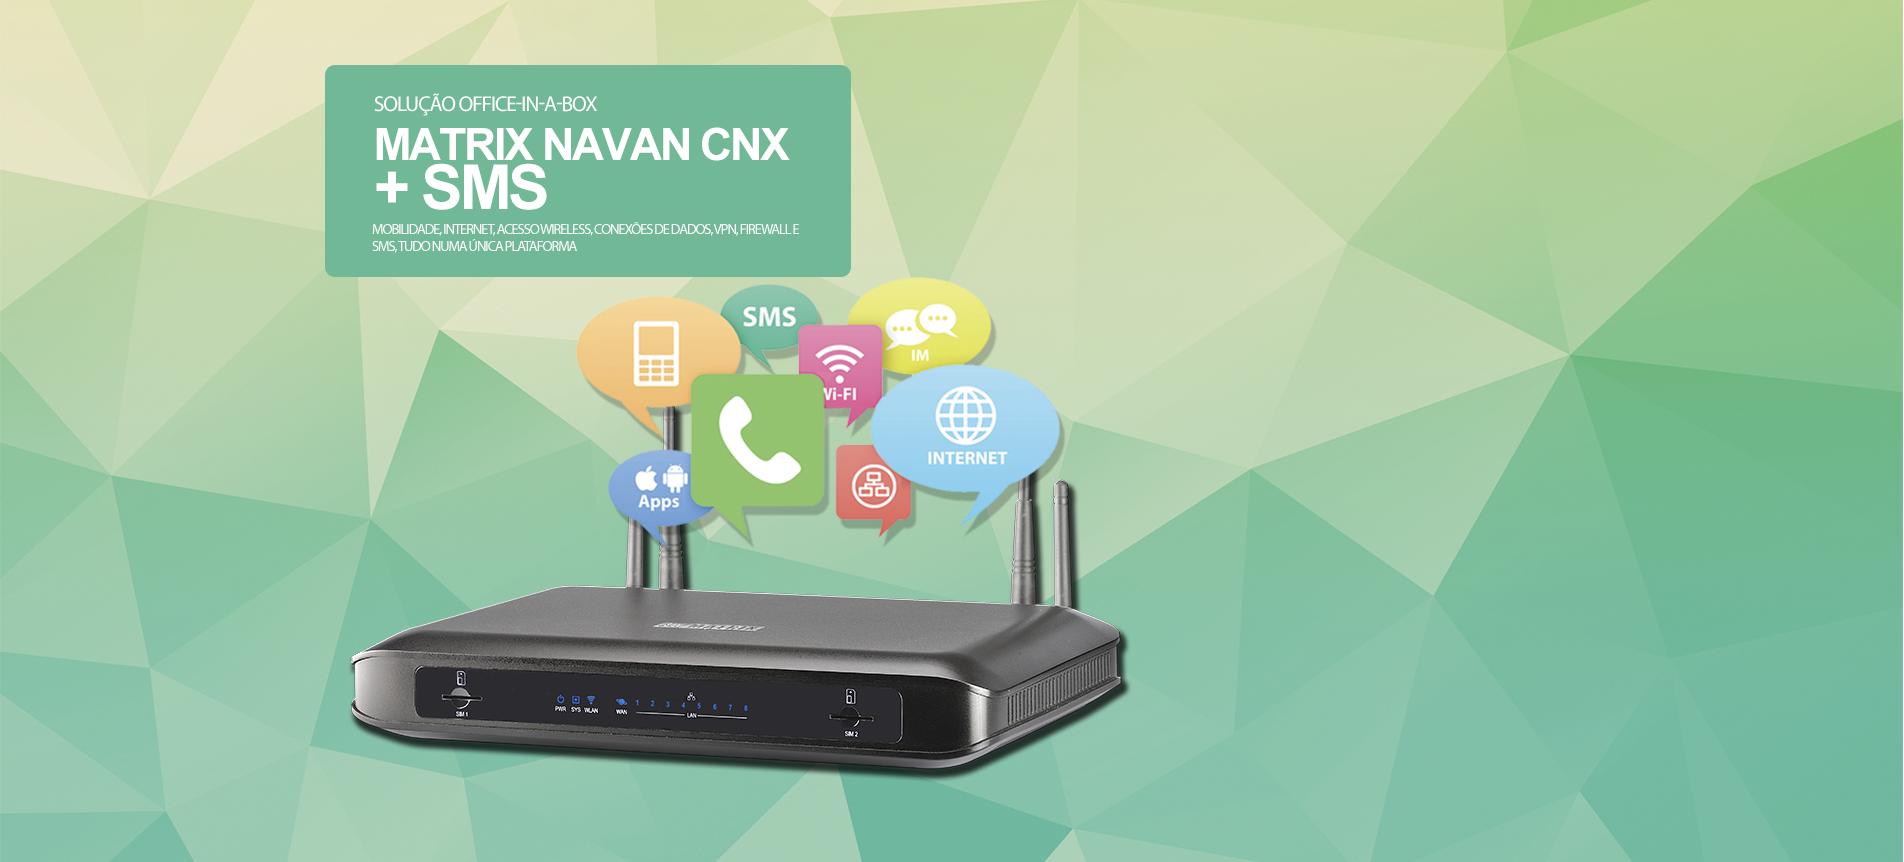 NAVAN CNX